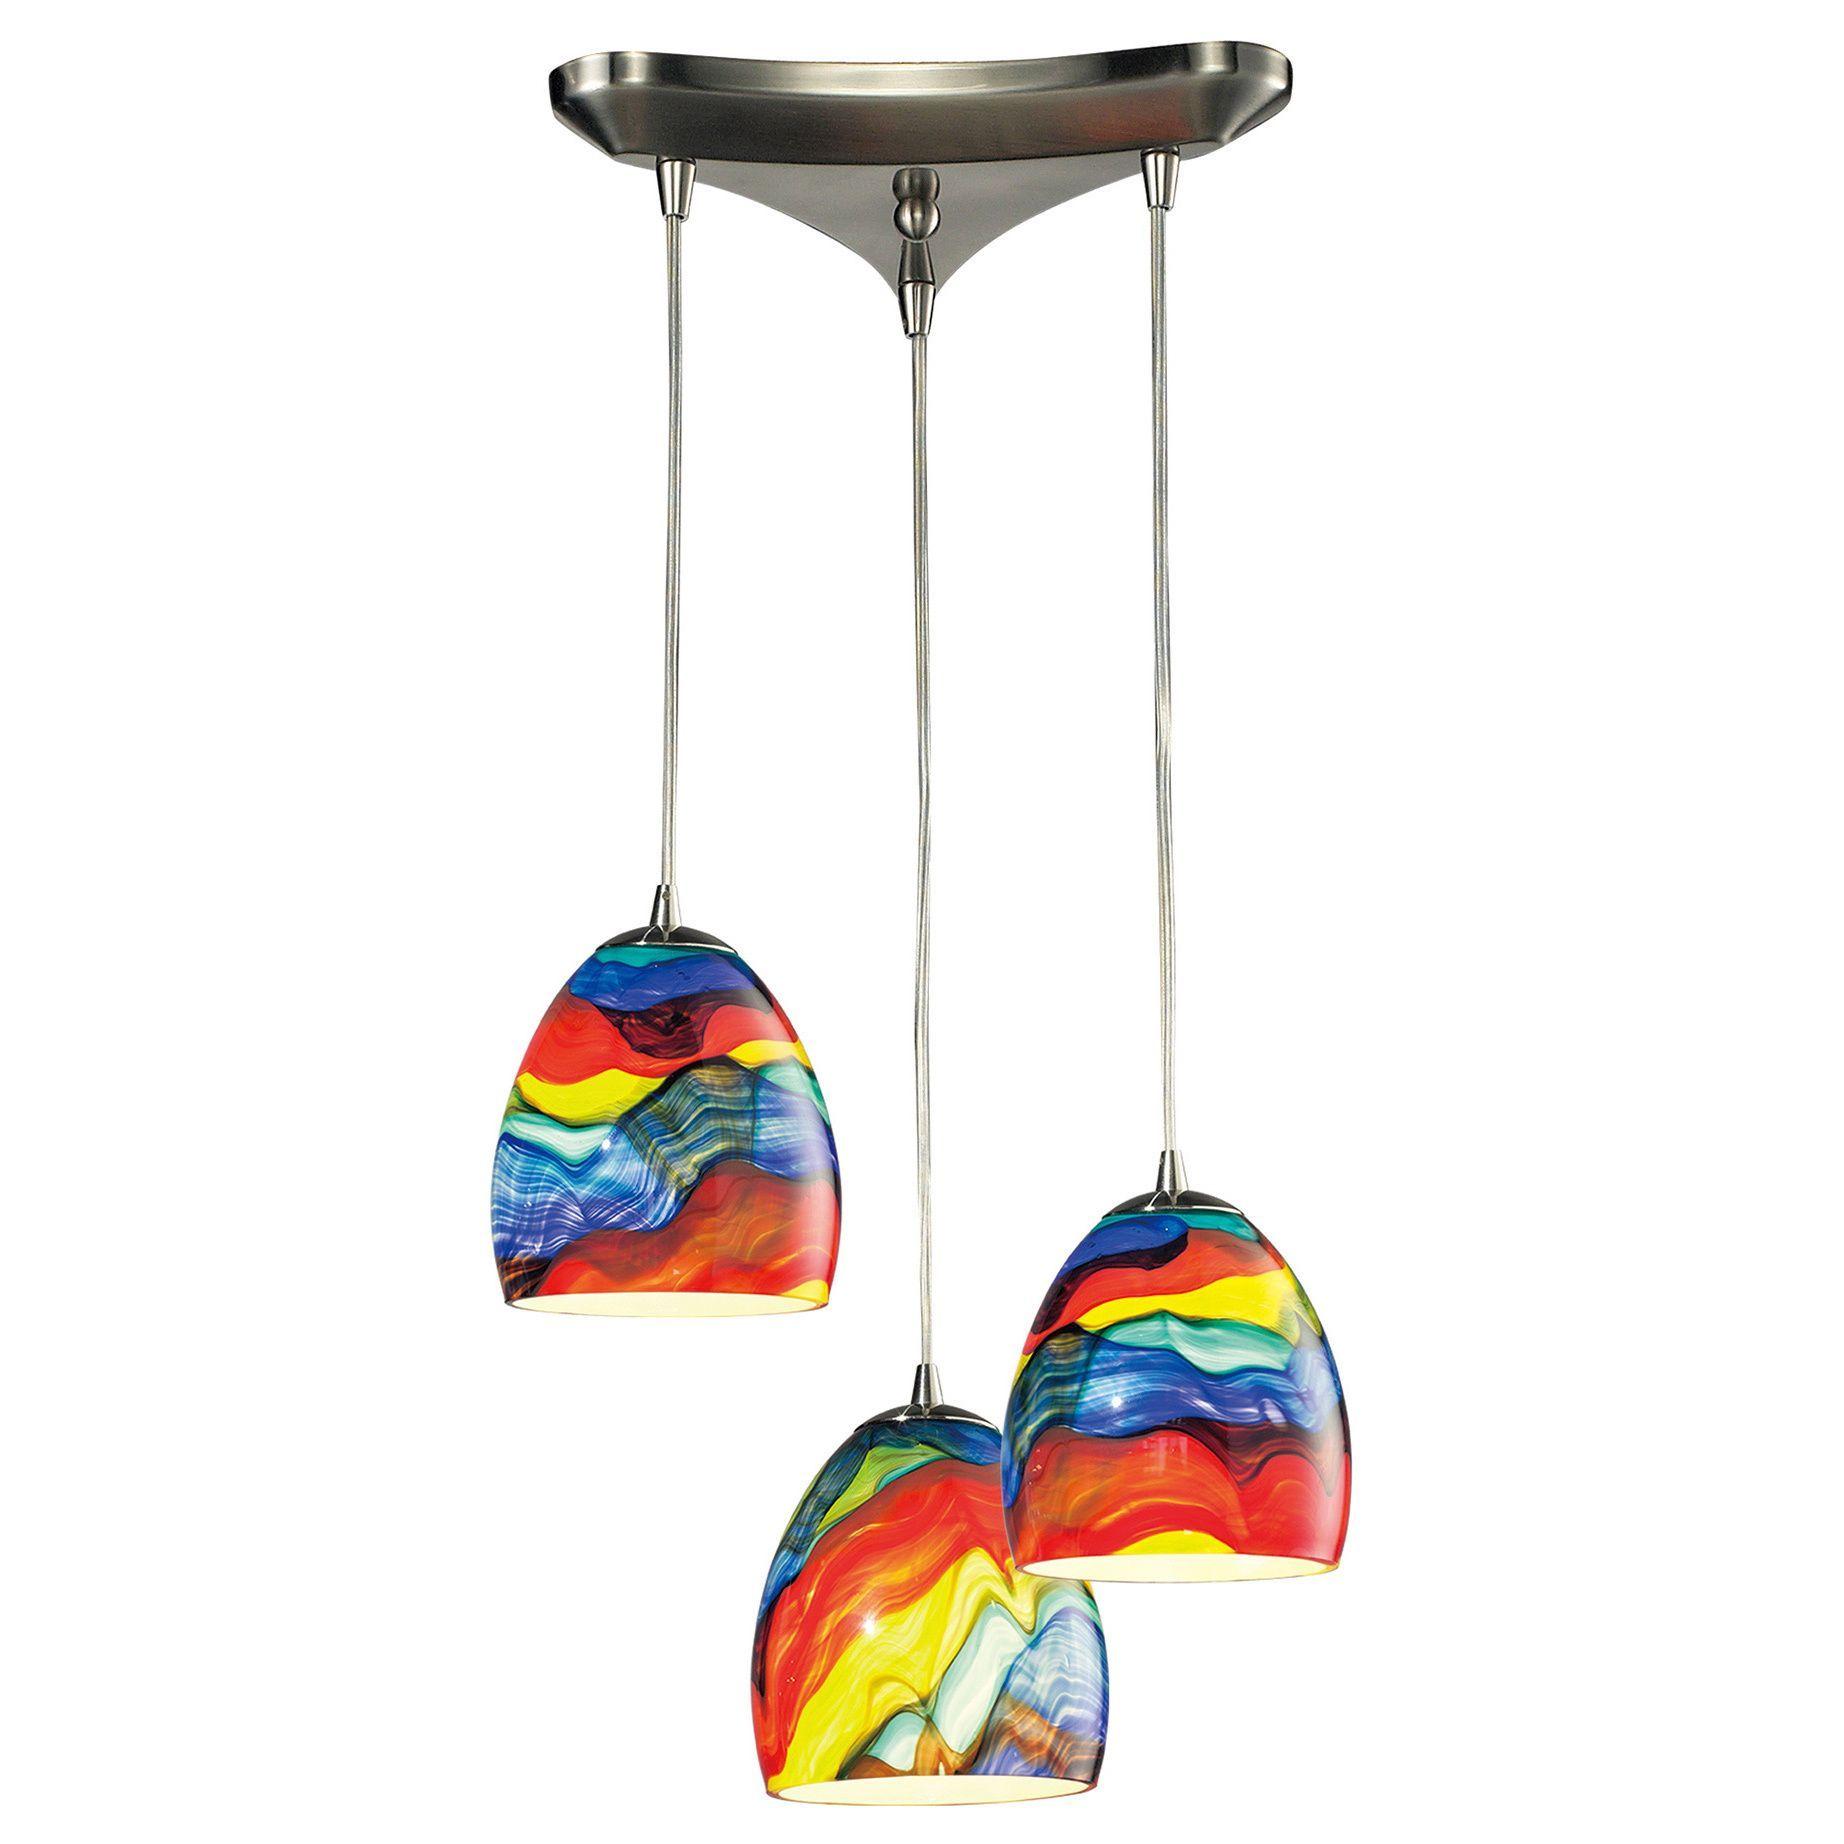 Elk lighting colorwave light satin nickel glass chandelier